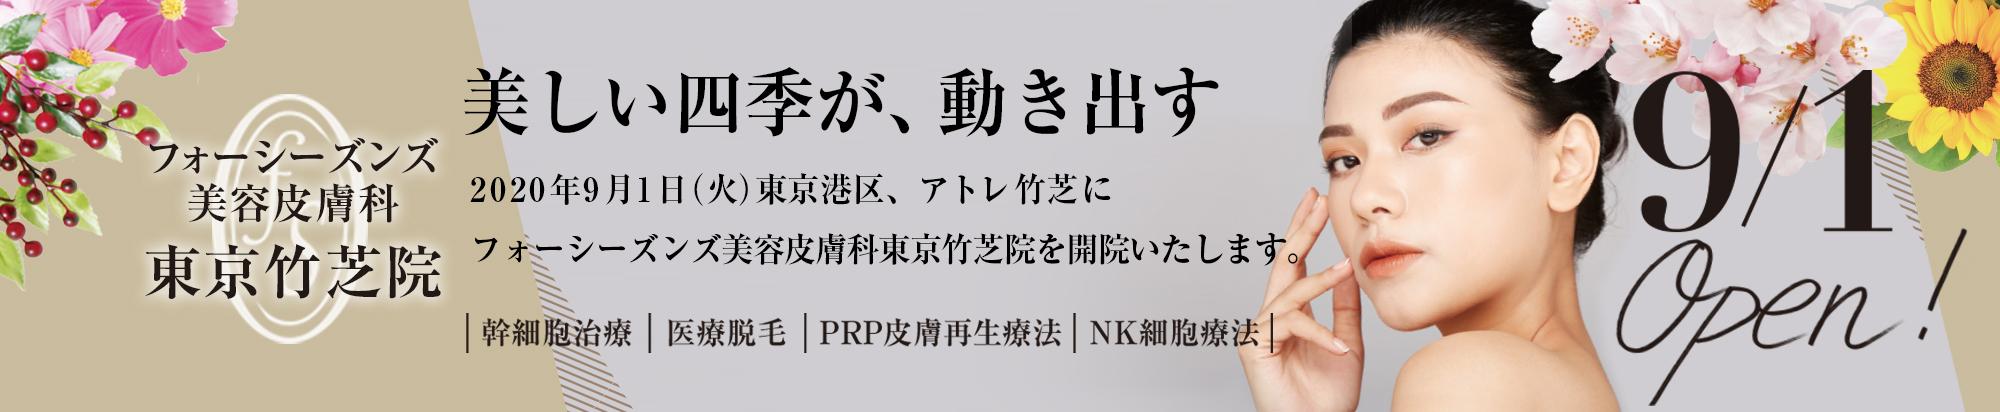 フォーシーズンズ美容皮膚科クリニック東京院の案内バナー画像